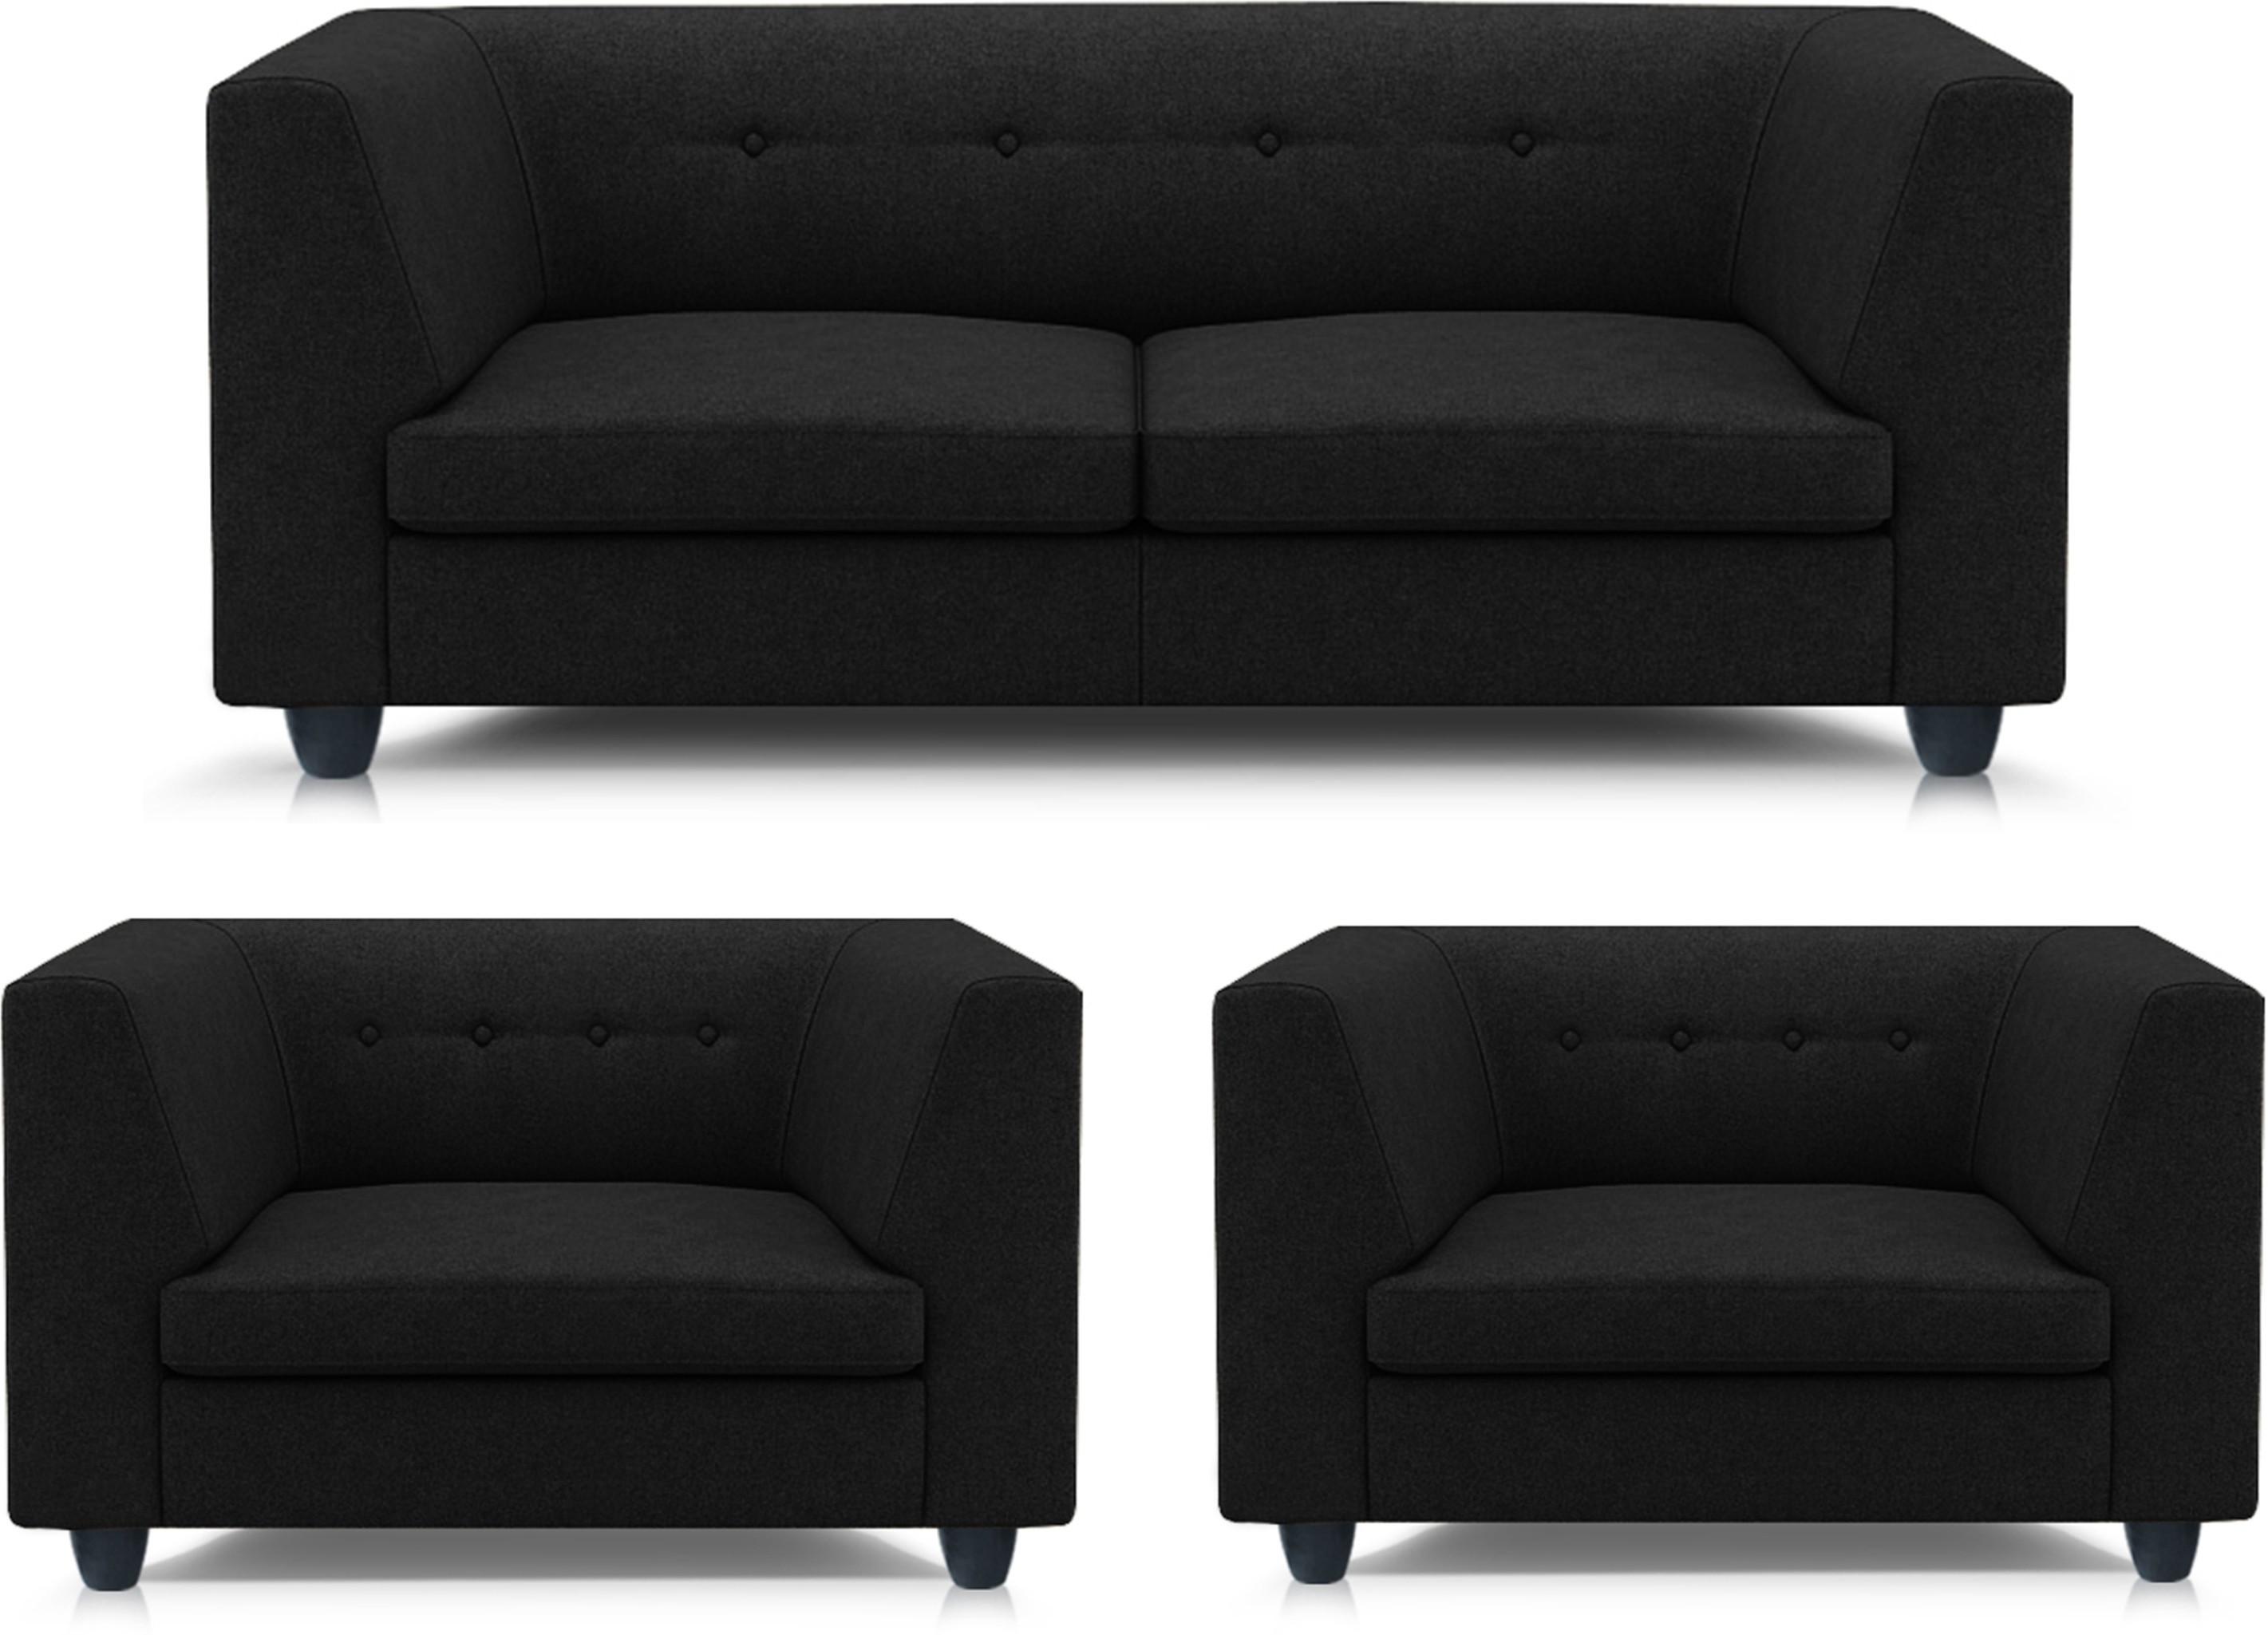 View Adorn homez Modern Solid Wood 2 + 1 + 1 Black Sofa Set Furniture (Adorn homez)